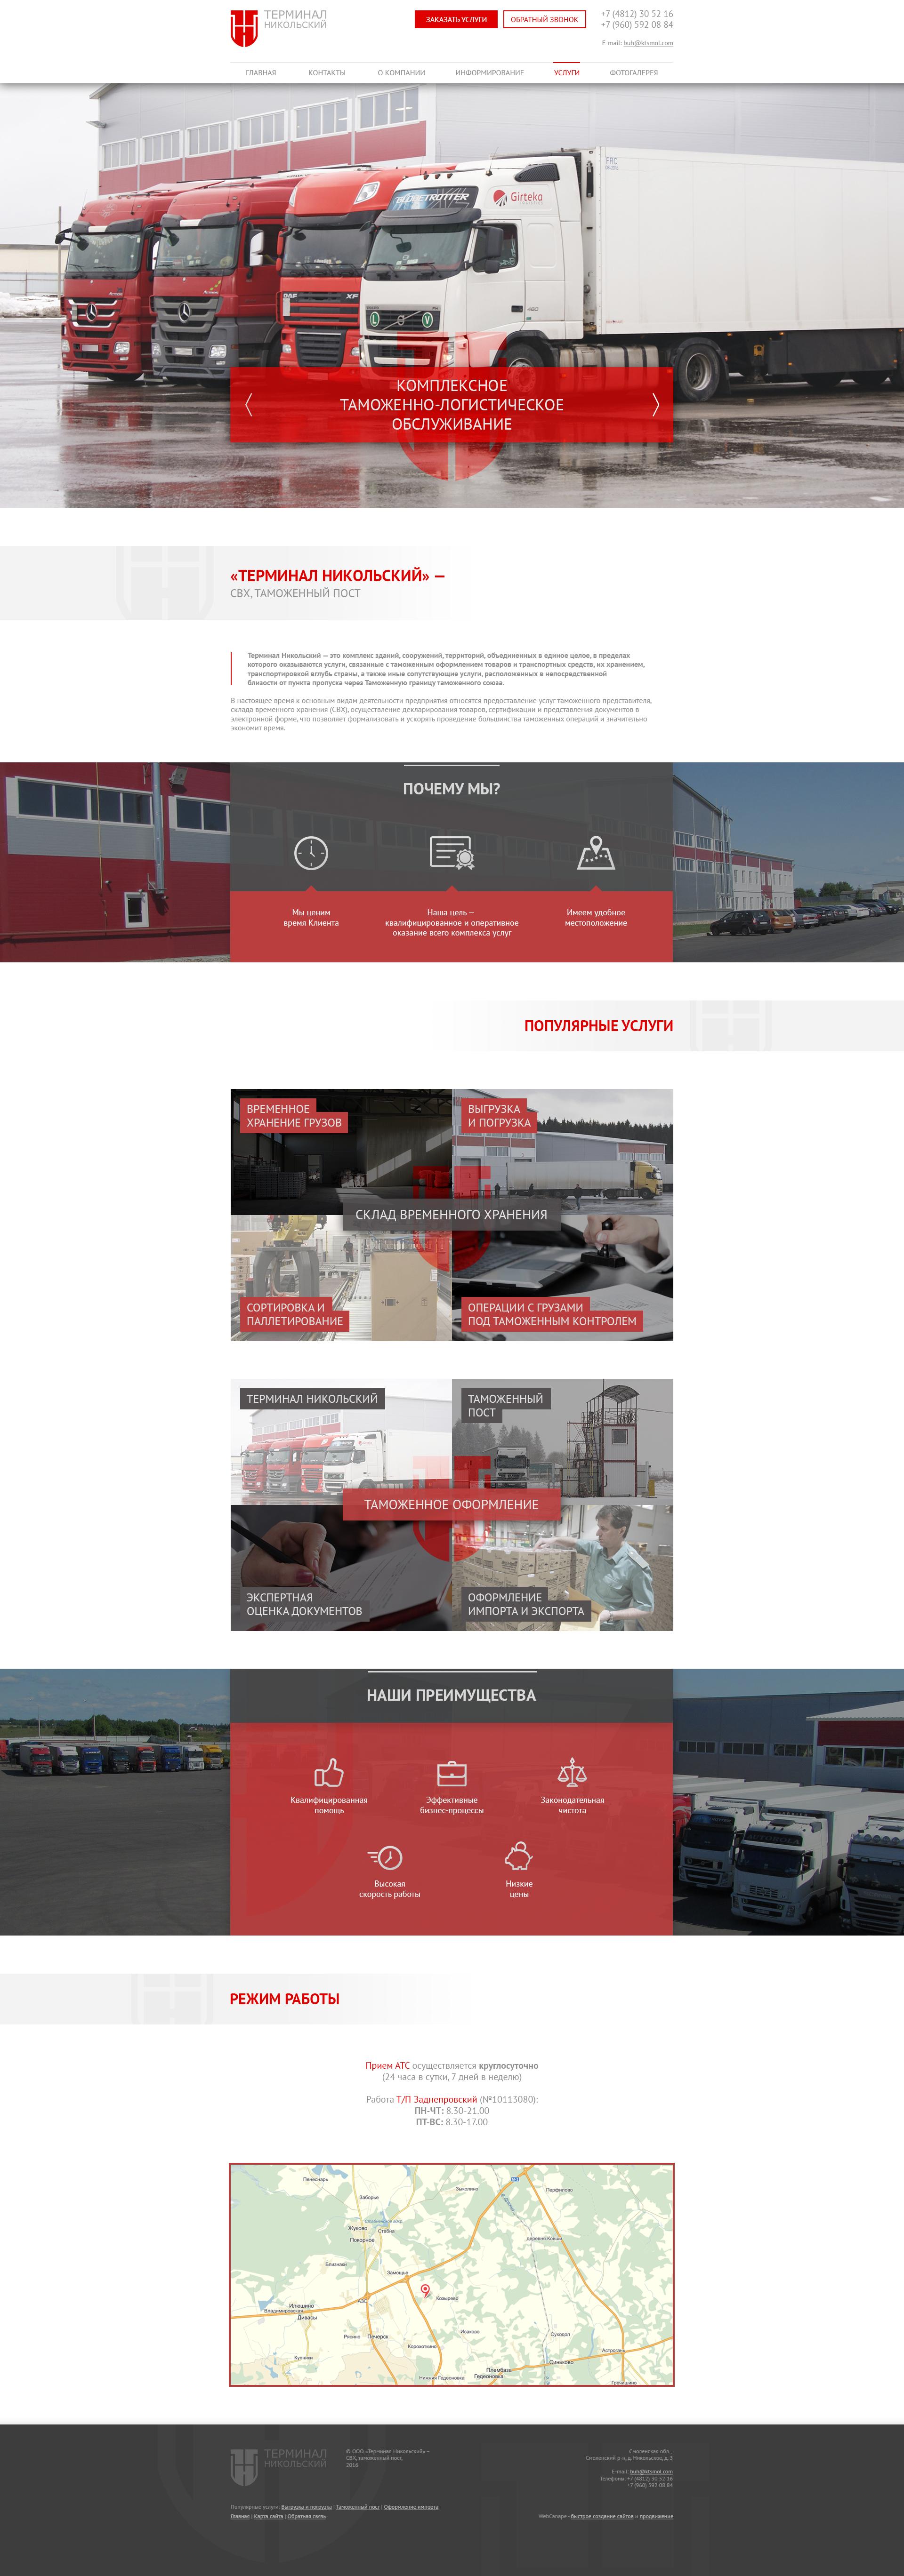 Разработка сайта СВХ, таможенного поста